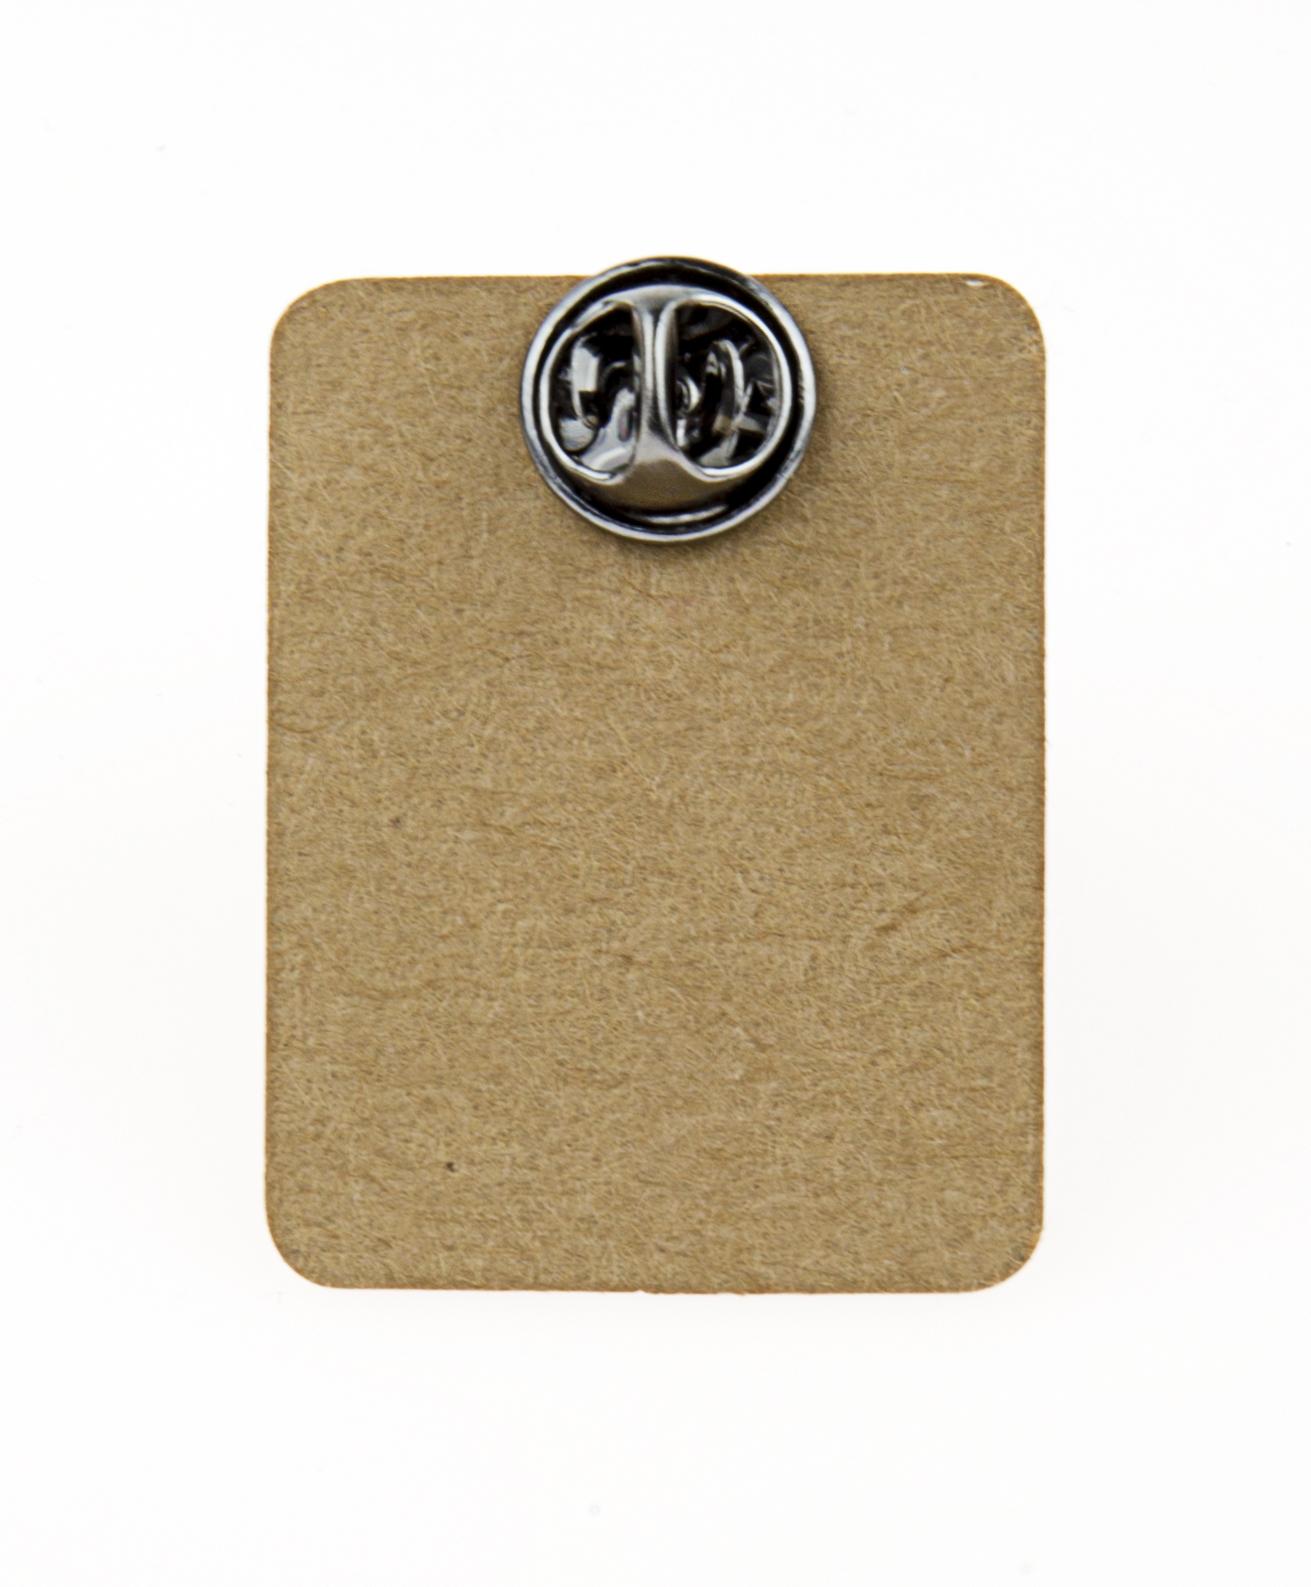 Metal Dali Enamel Pin Badge